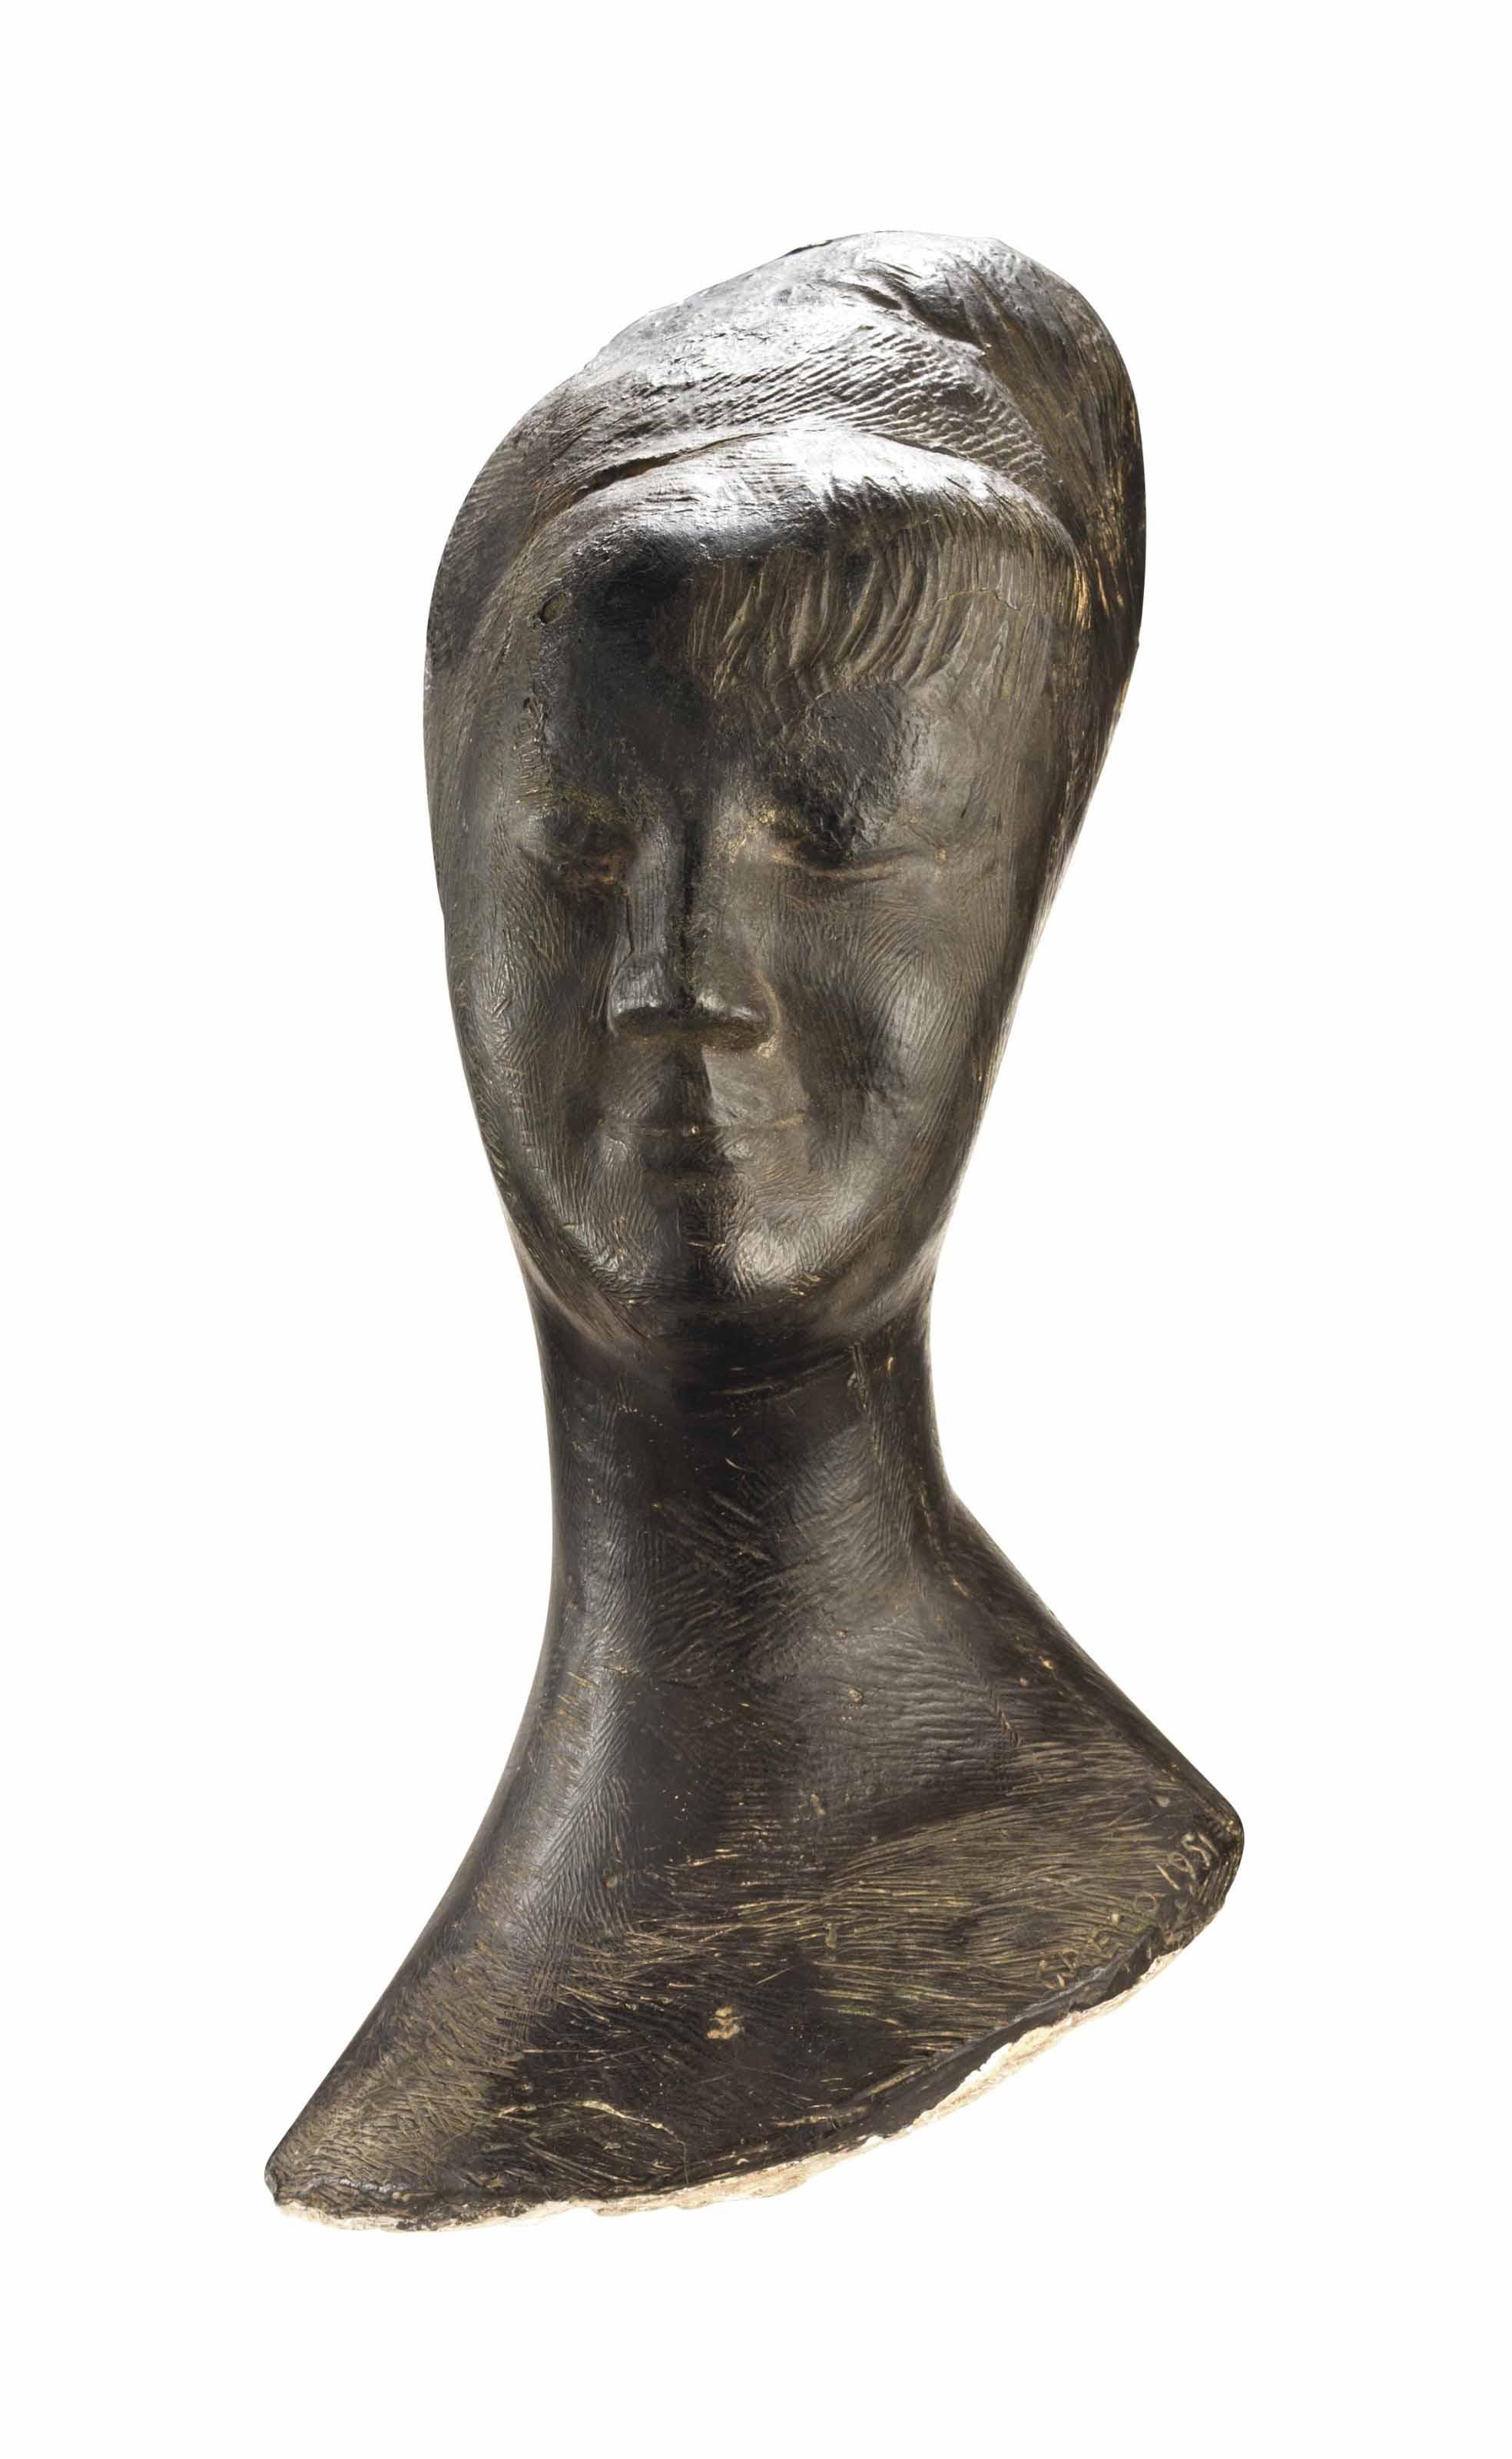 Emillio Greco (ITALIAN, 1913-1